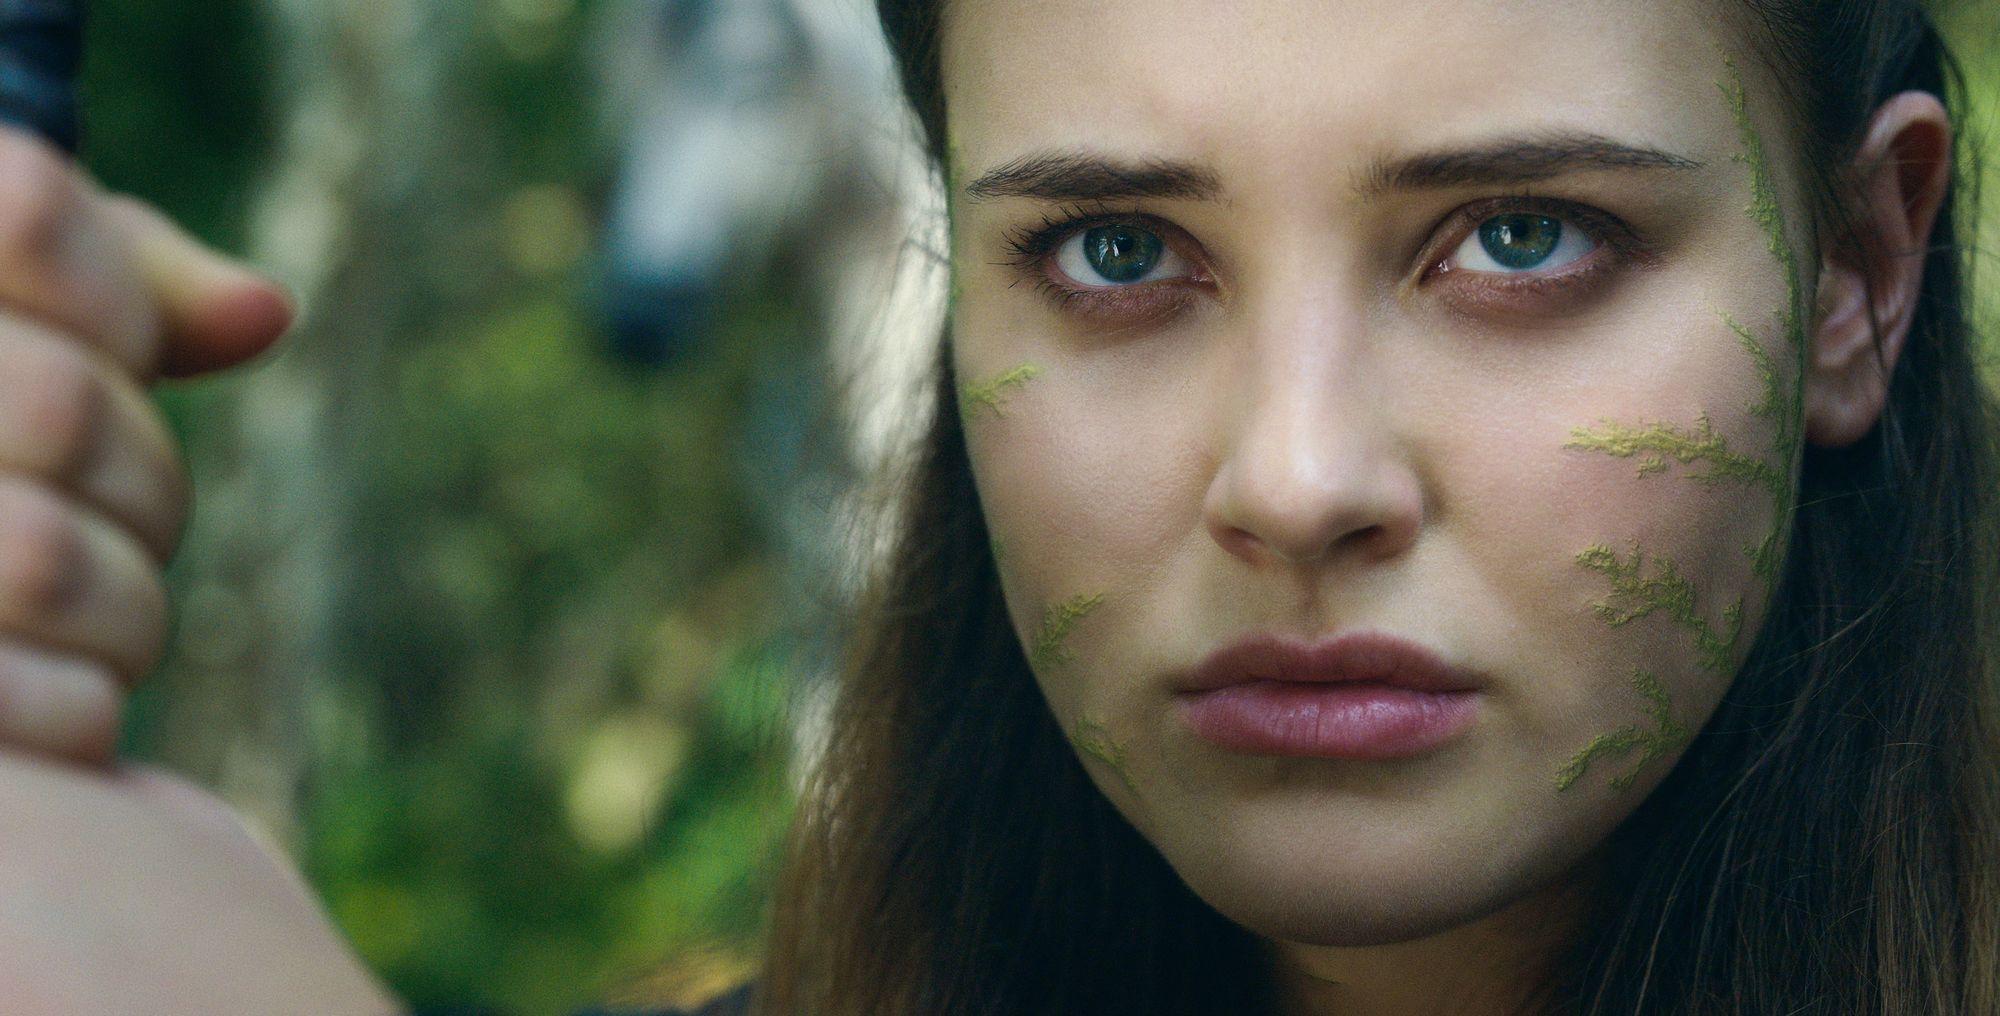 Przeklęta - zwiastun serialu fantasy Netflixa. Legendy arturiańskie w nowym wydaniu!